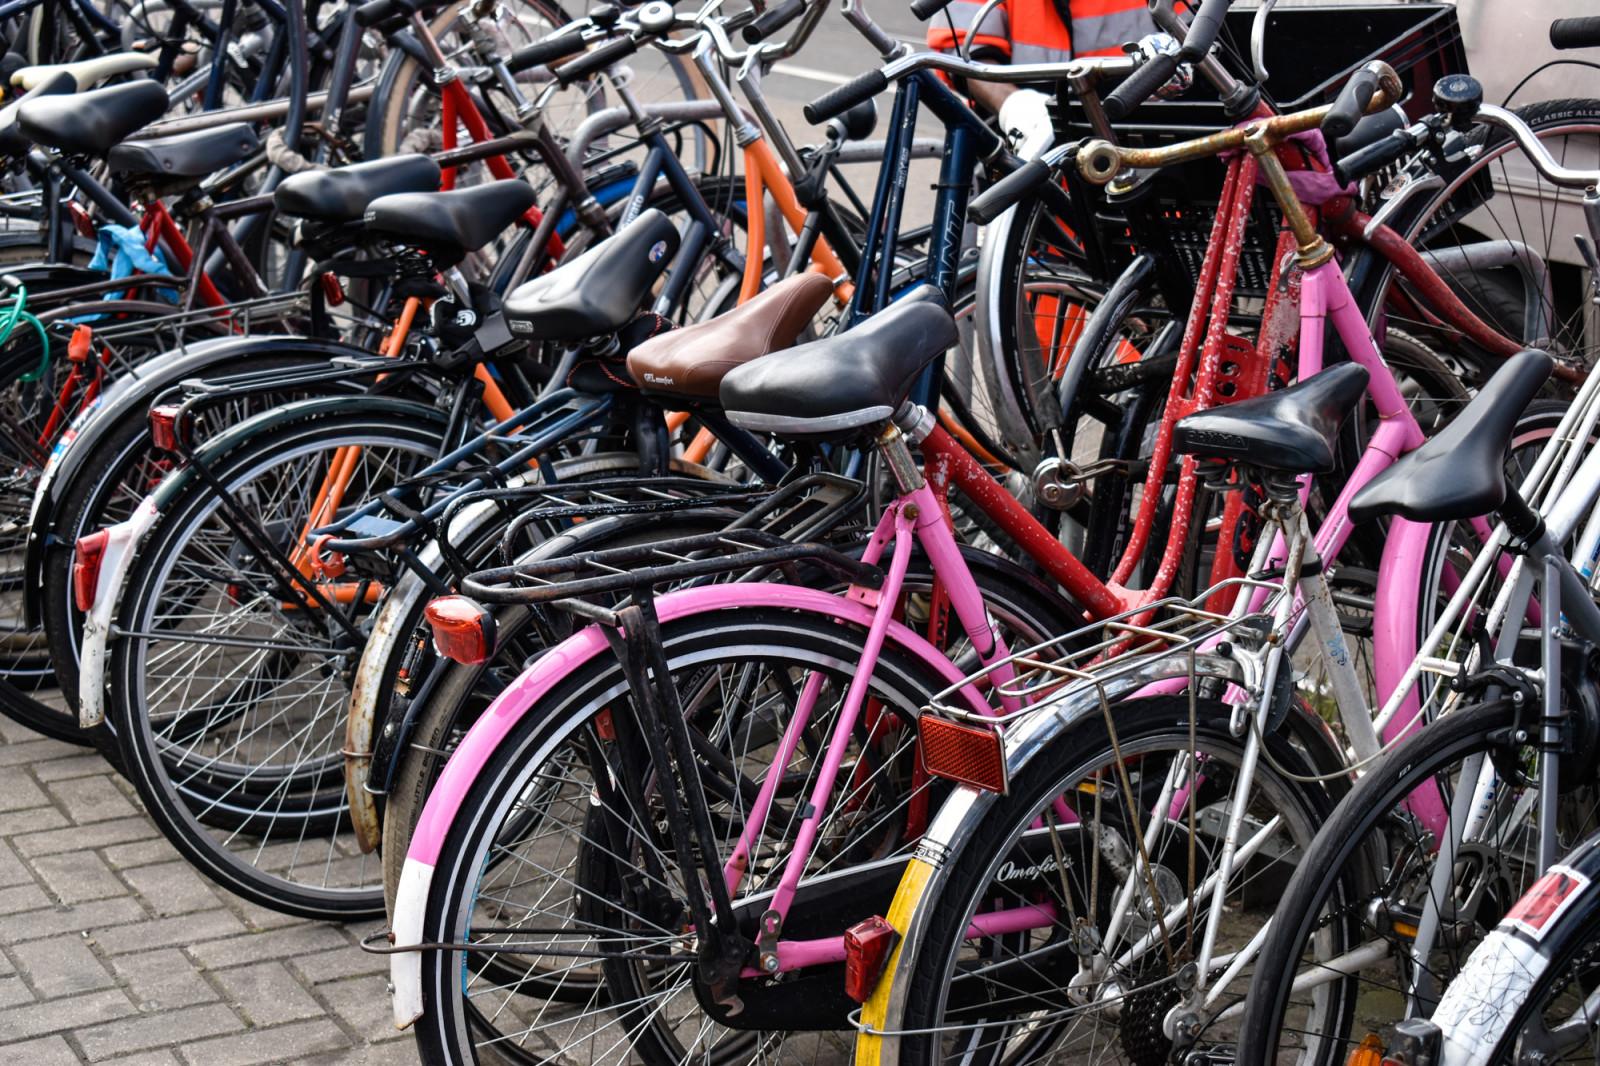 Colored bikes in Amsterdam